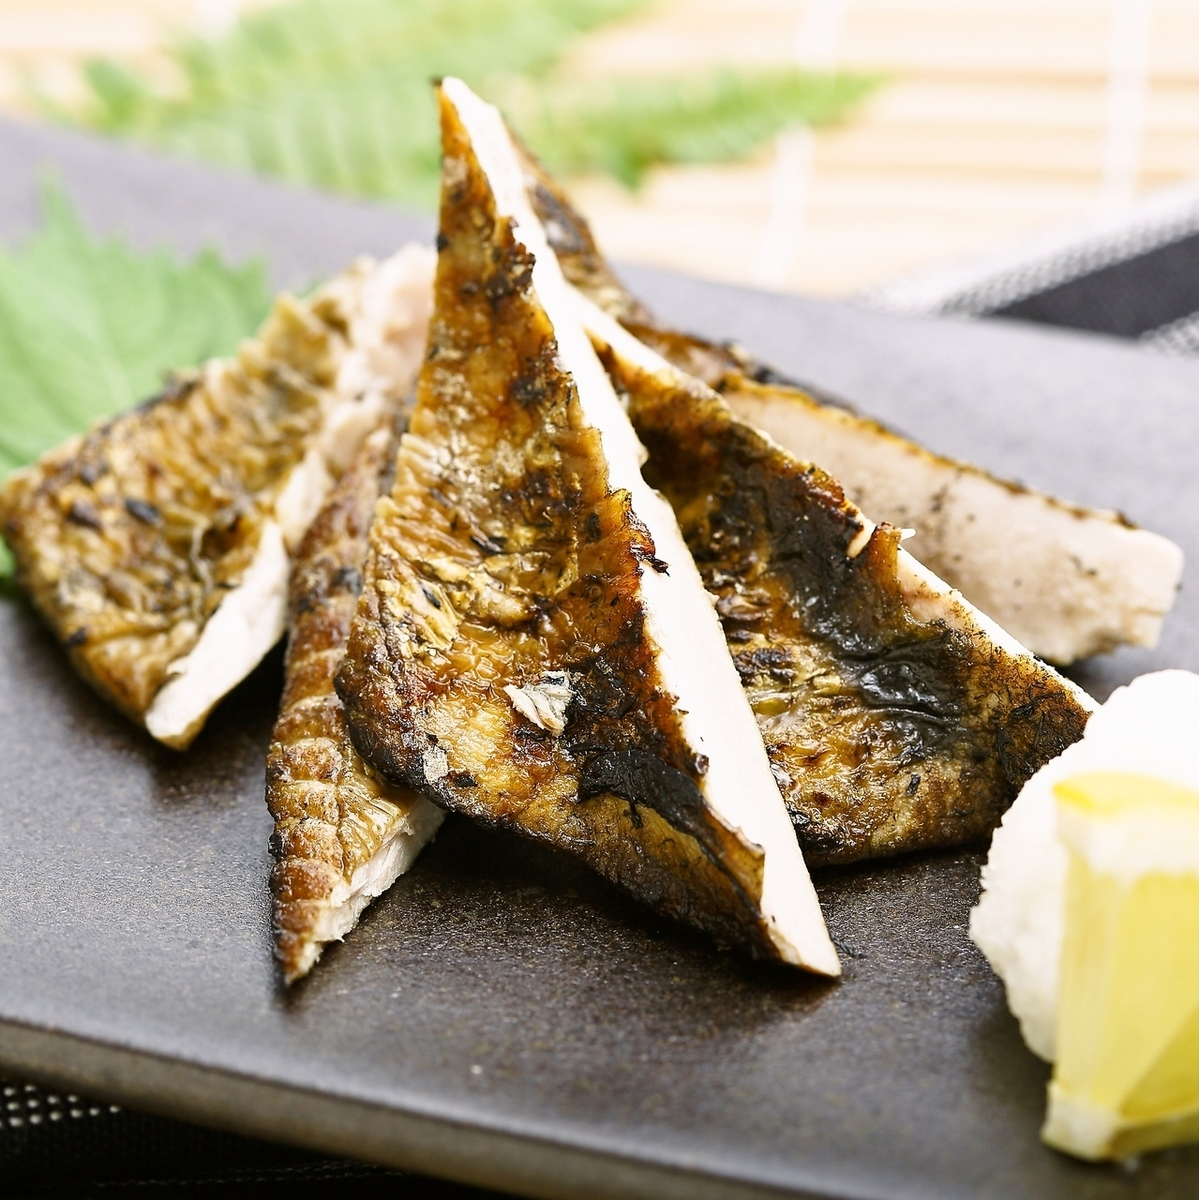 鲣鱼的秸秆烤的hormos